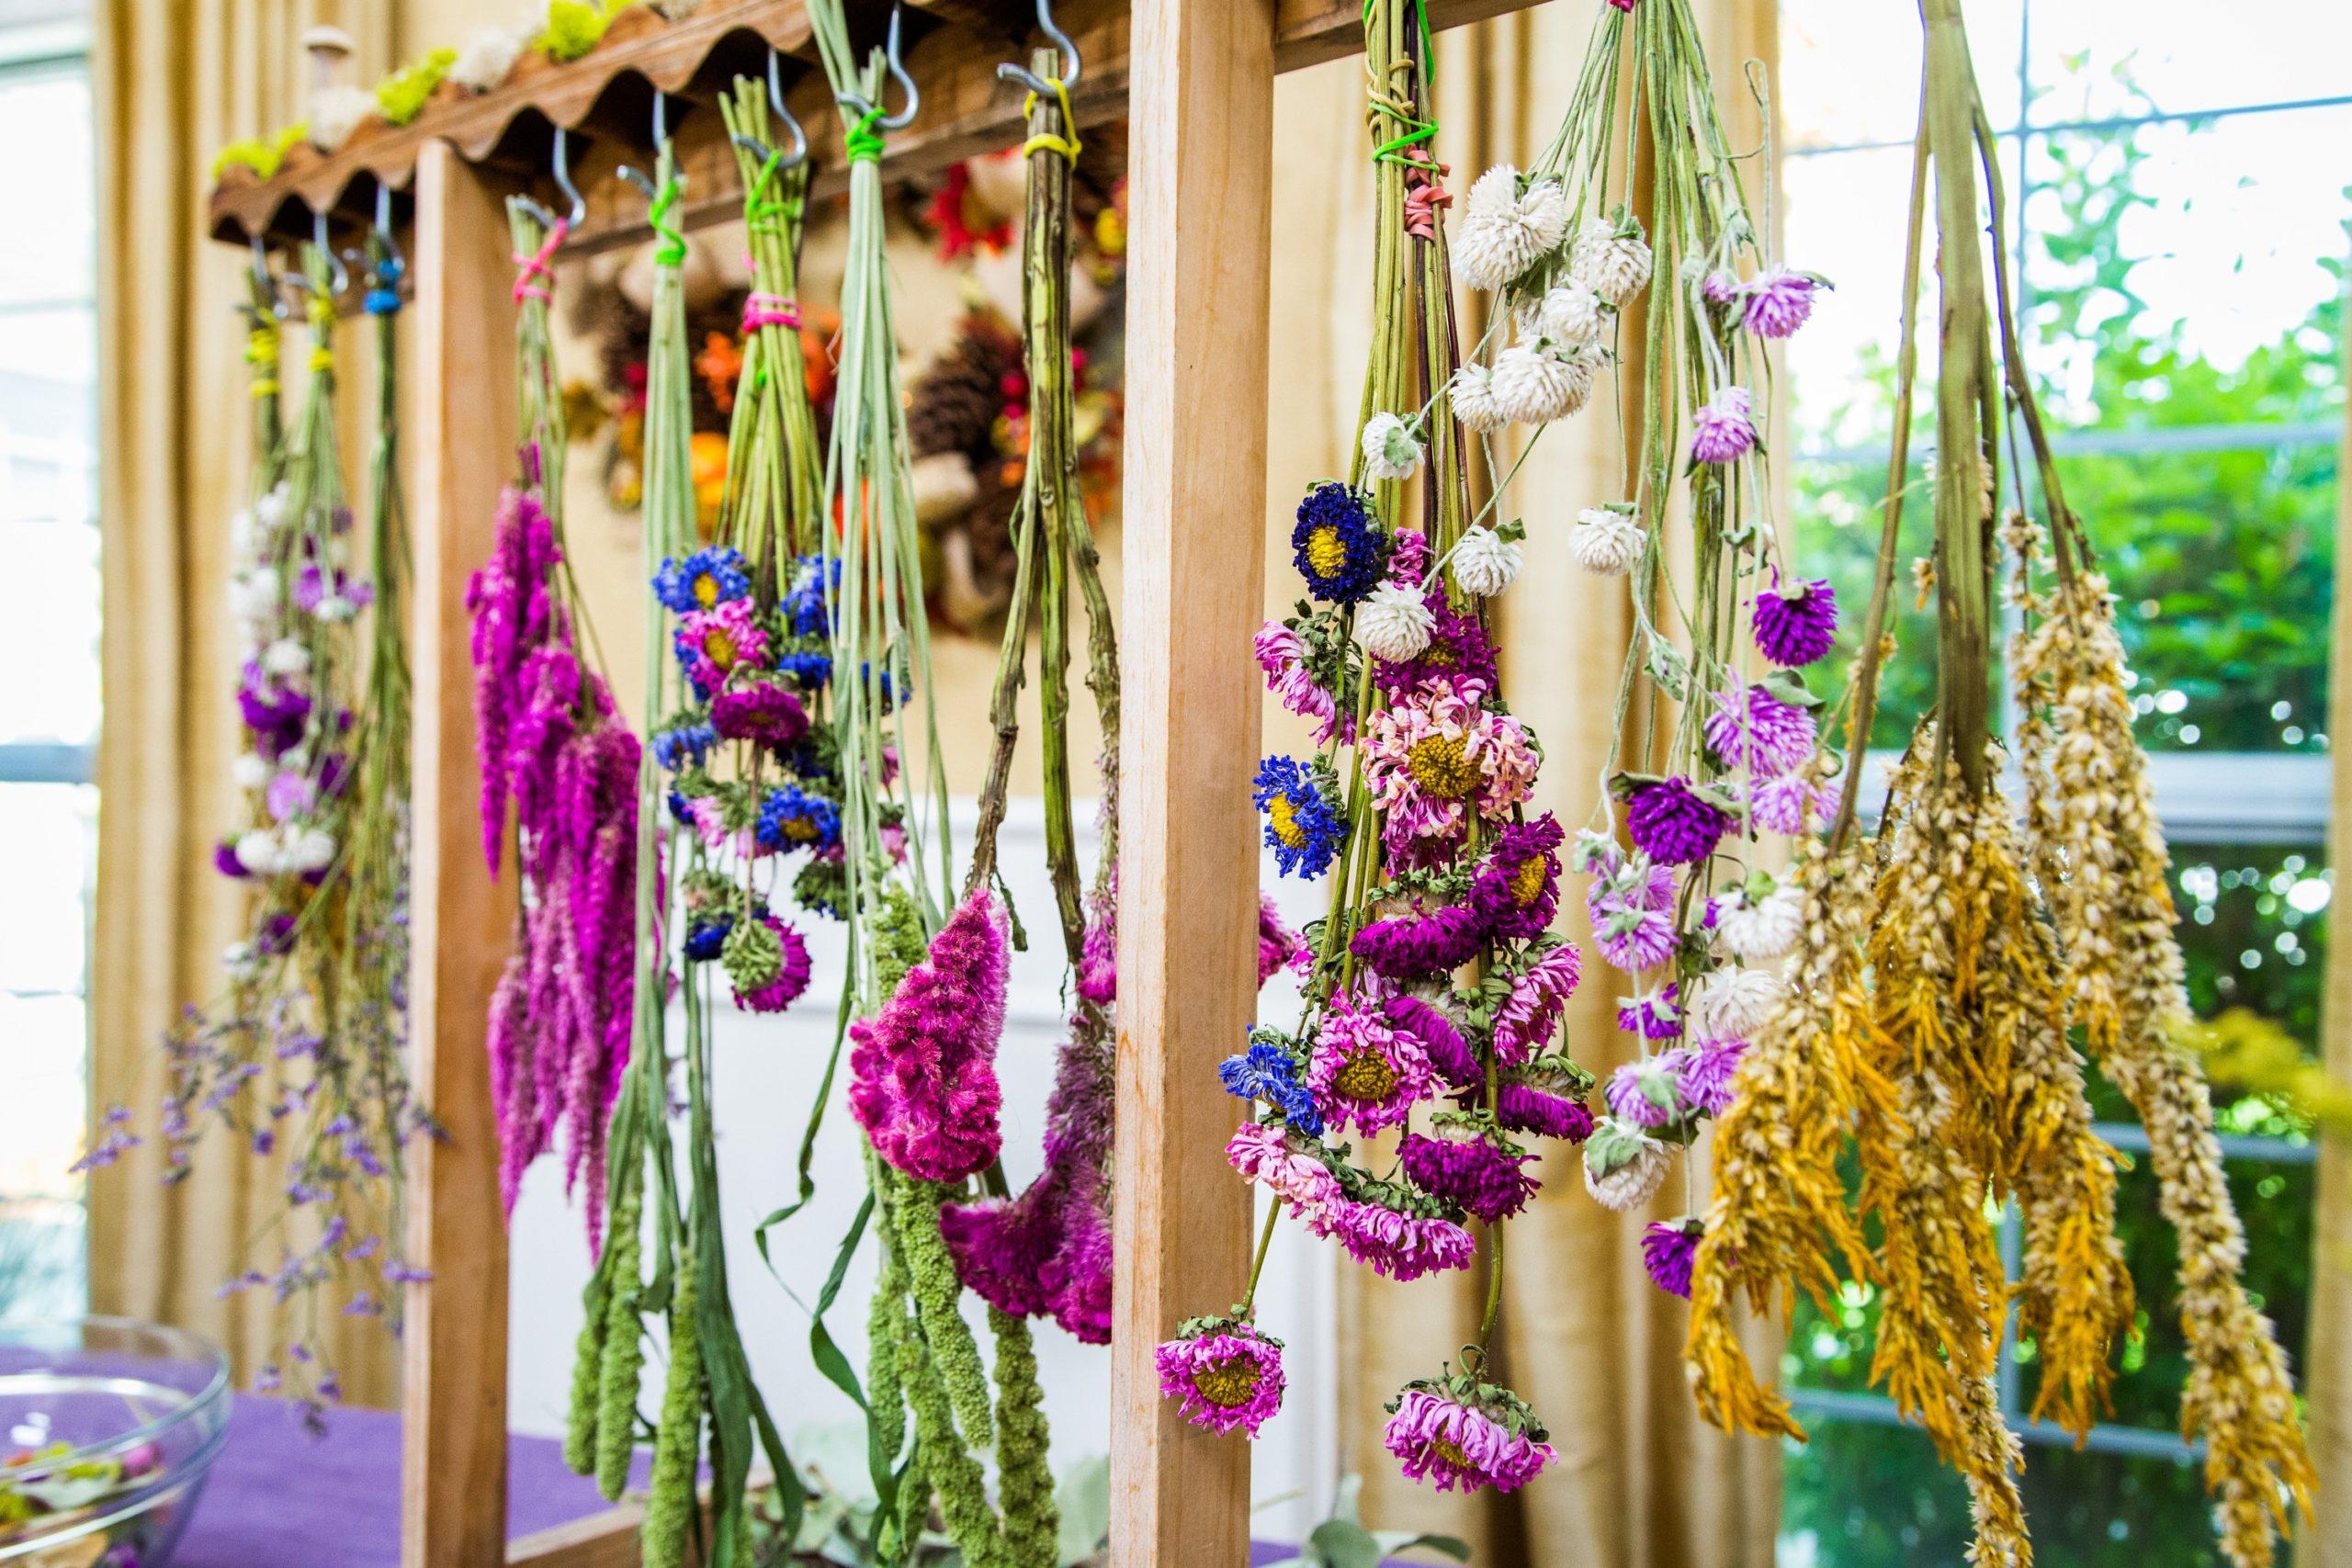 Faites une promenade dans la forêt et trouvez des fleurs sauvages que vous pouvez utiliser dans votre pot-pourri fait maison.